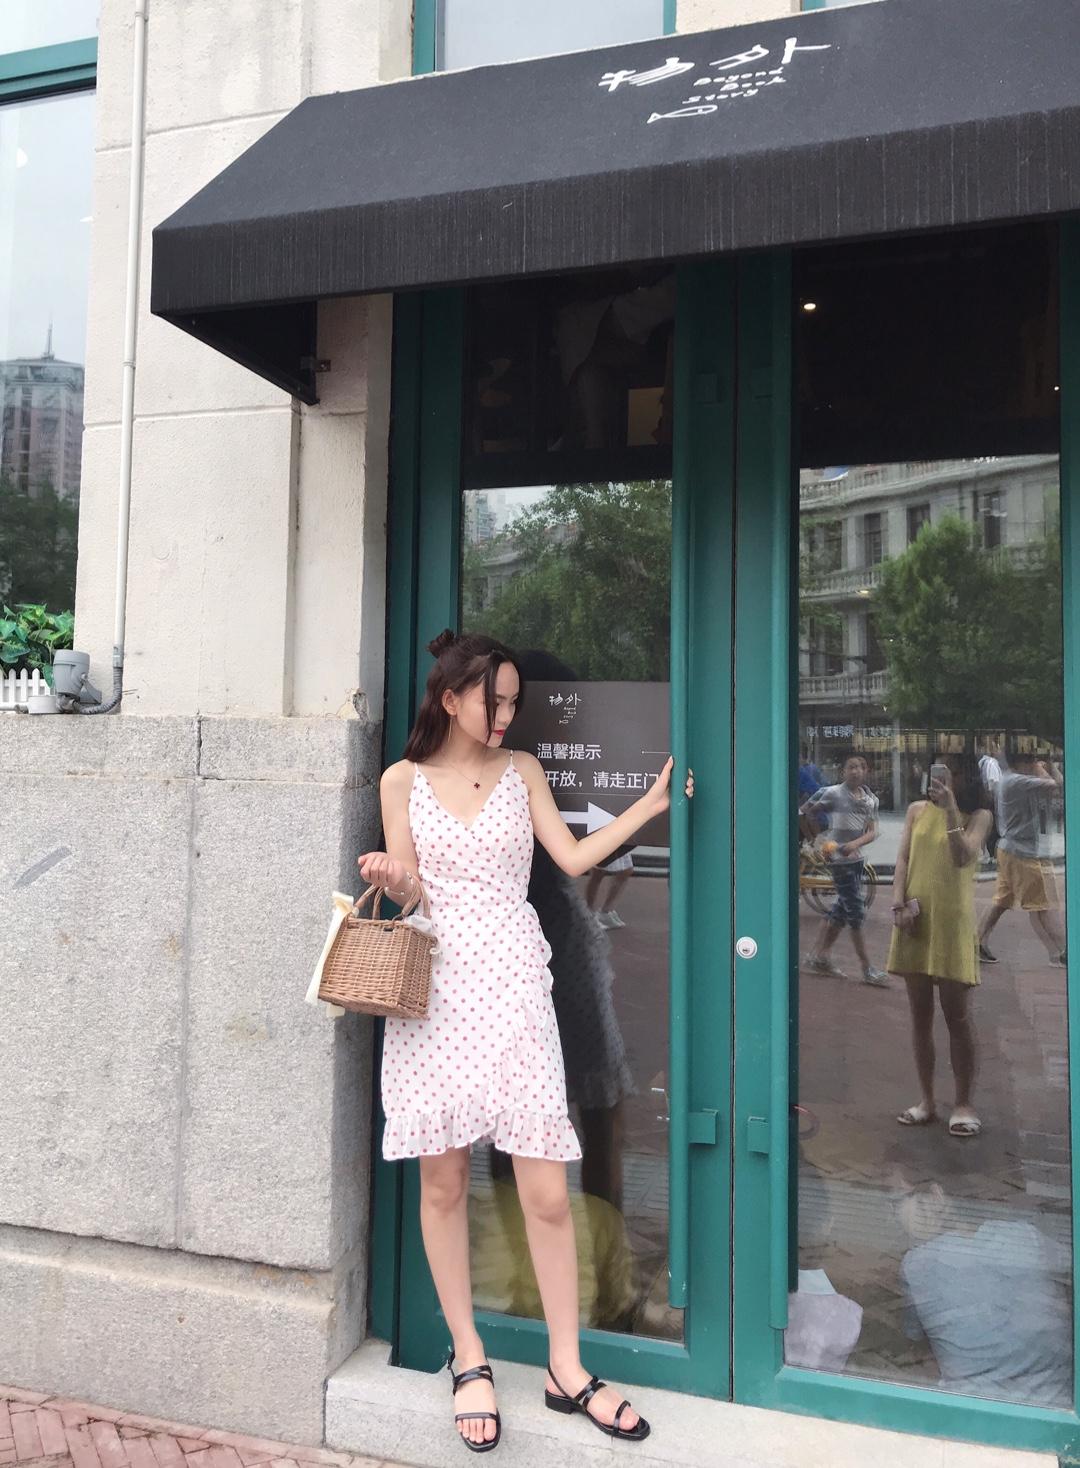 #美过姐妹的度假C位吊带裙# 身高:158 体重:80 吊带裙仙气满满~ 波点的配色也很简洁甜美 过膝的长度也很适合小个子女孩~